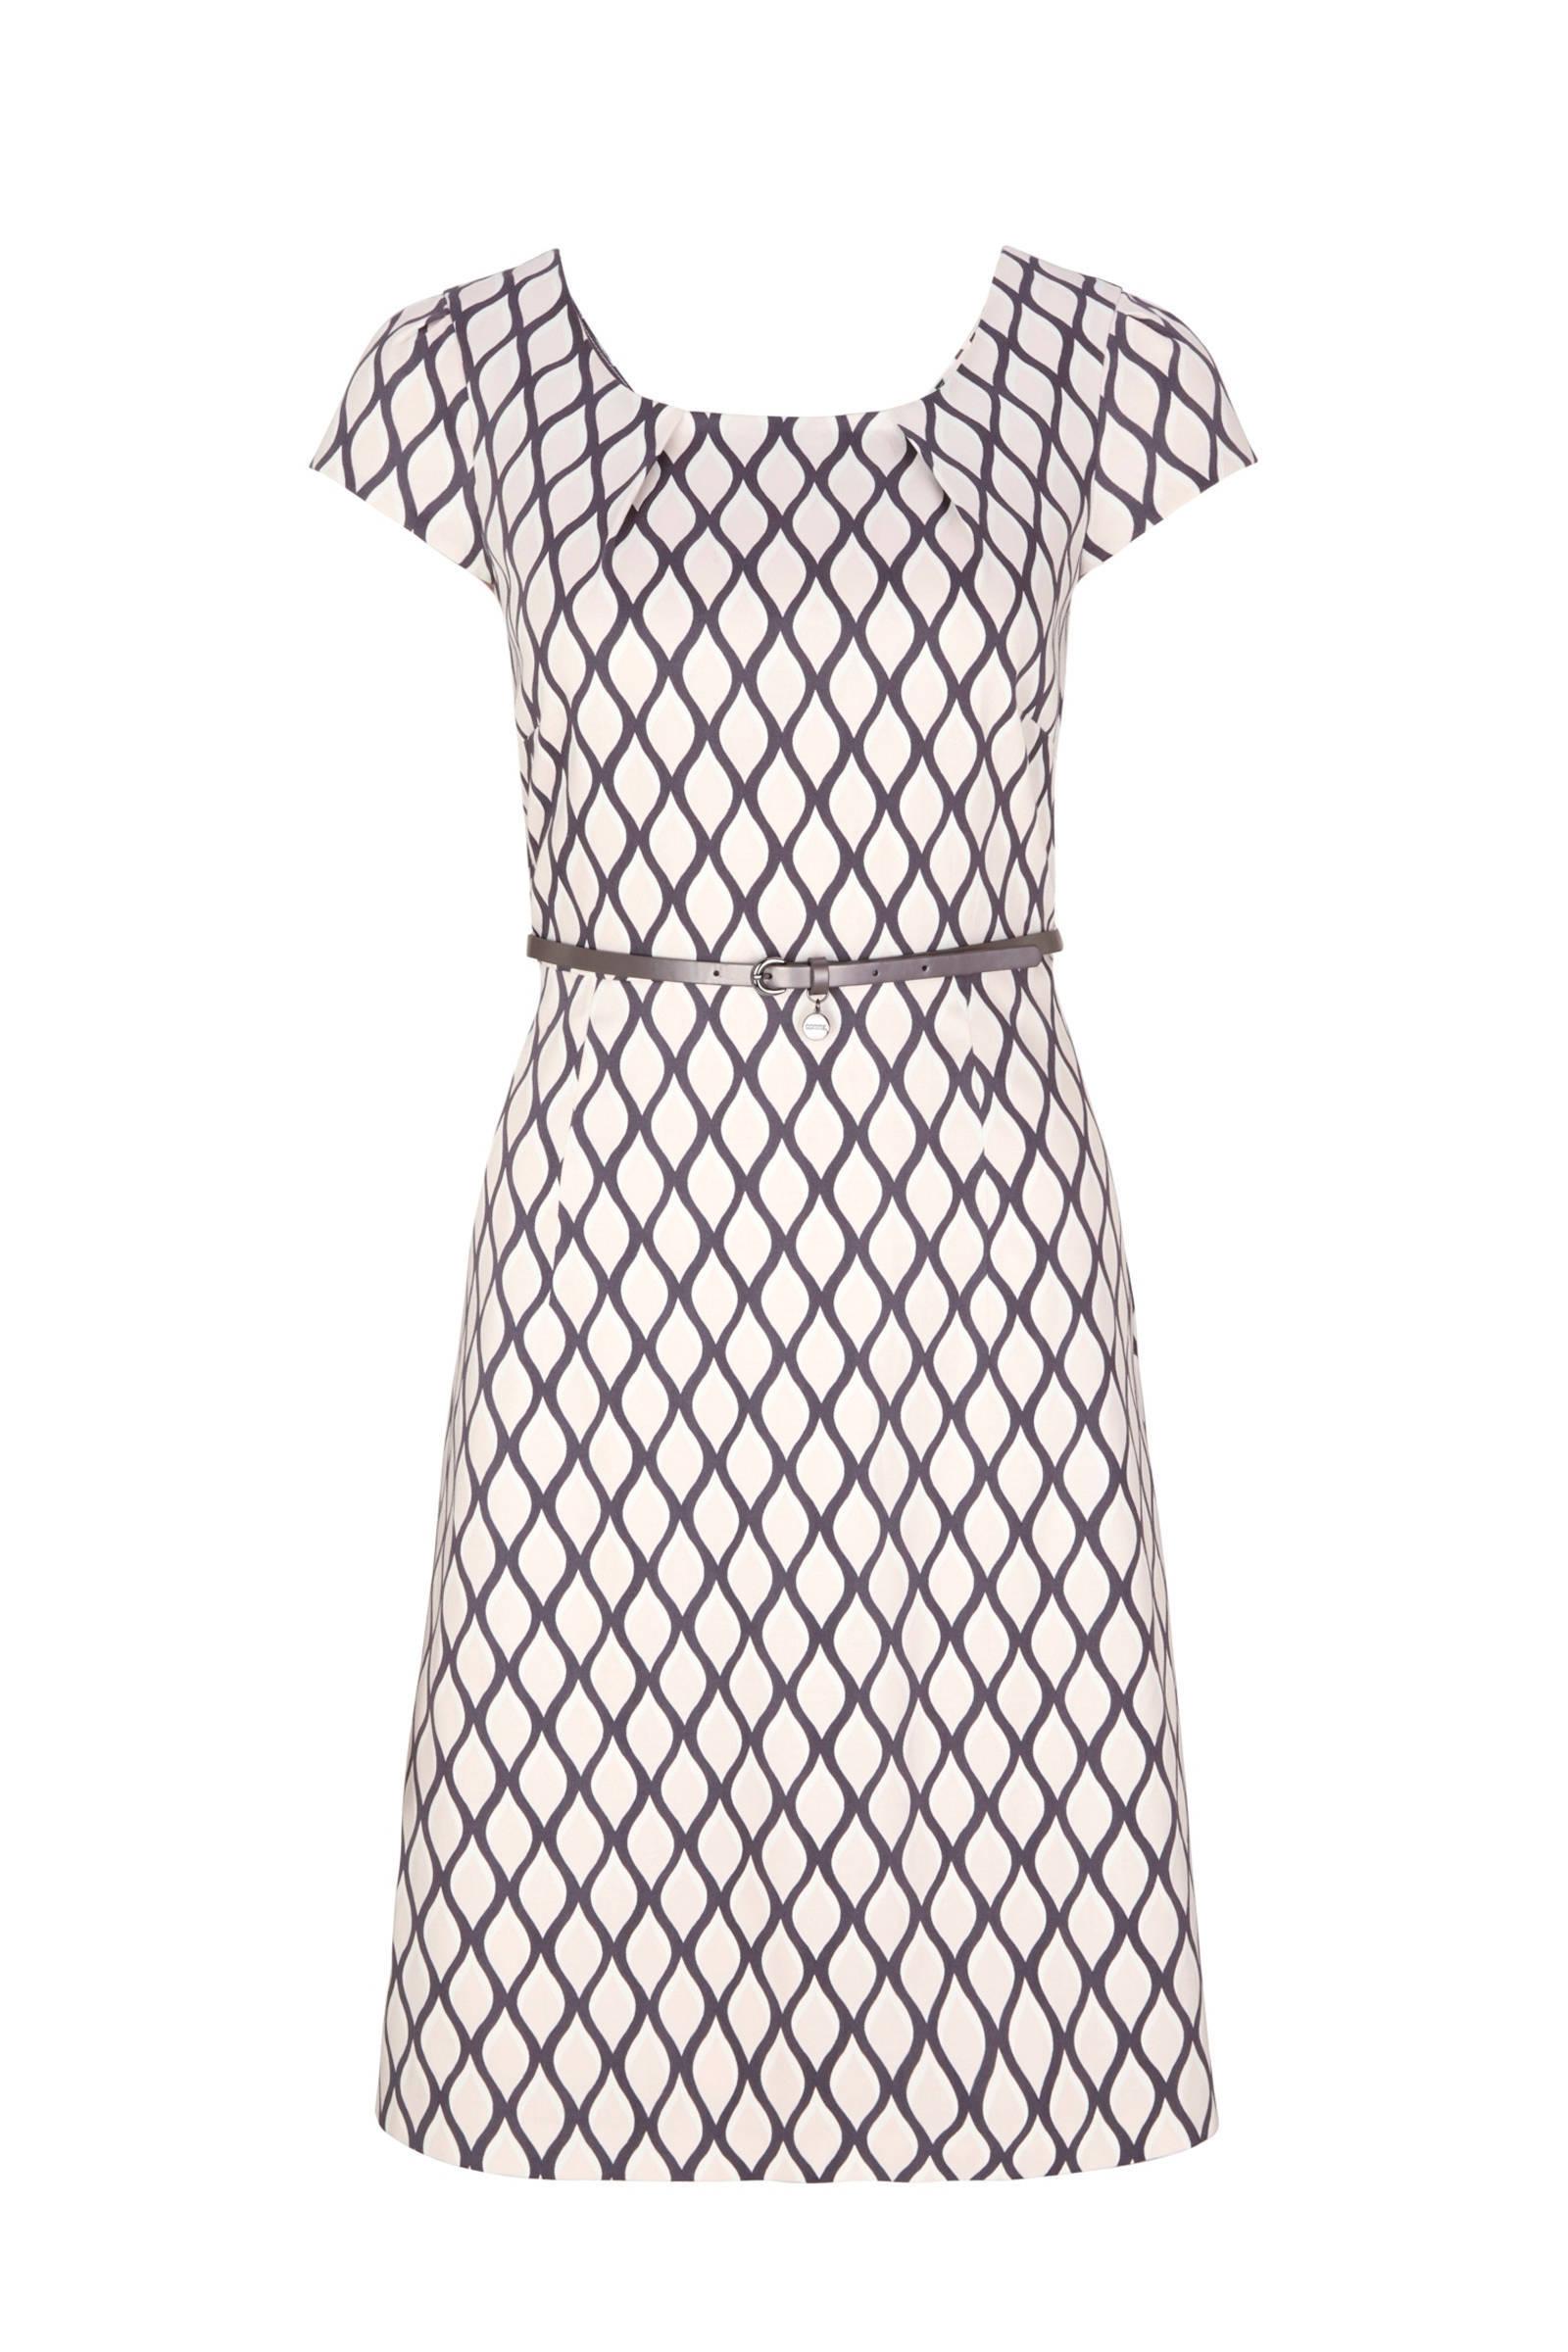 6d3ffd8cd9e955 Wehkamp jurken